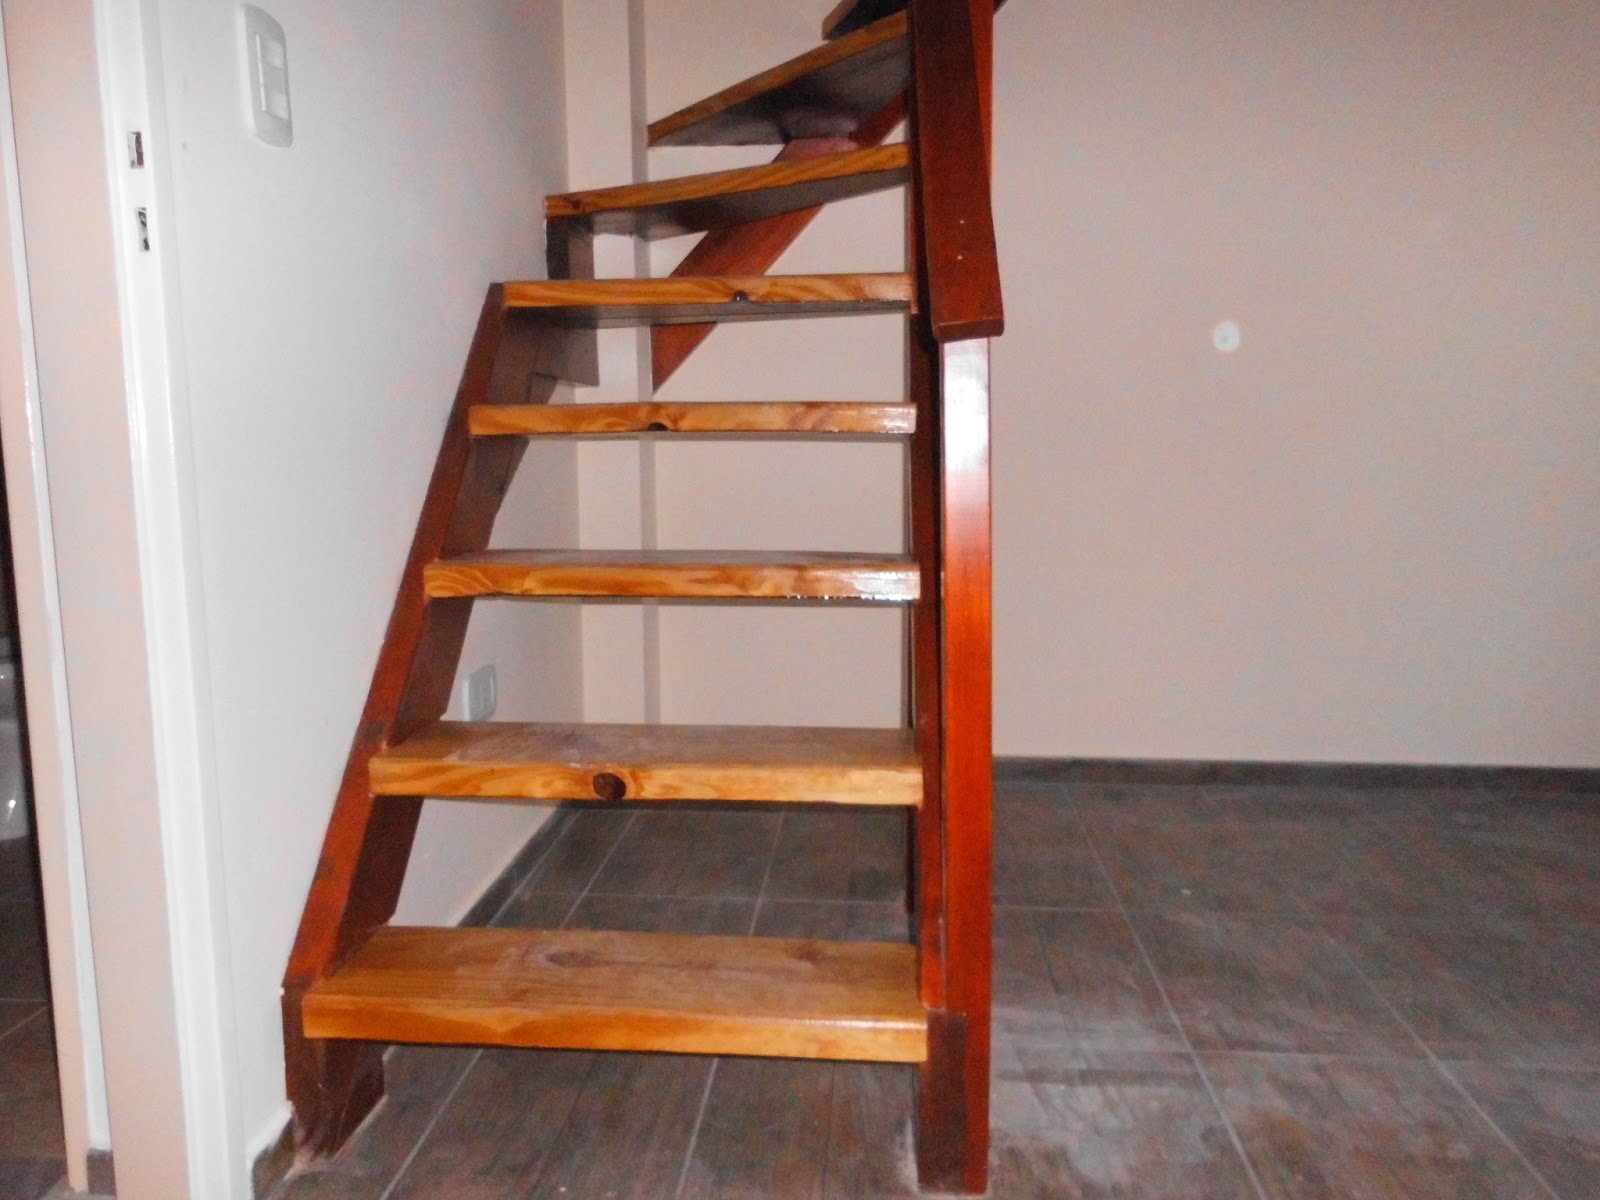 Entrepisos de madera escaleras escaleras - Escaleras de madera pintor ...